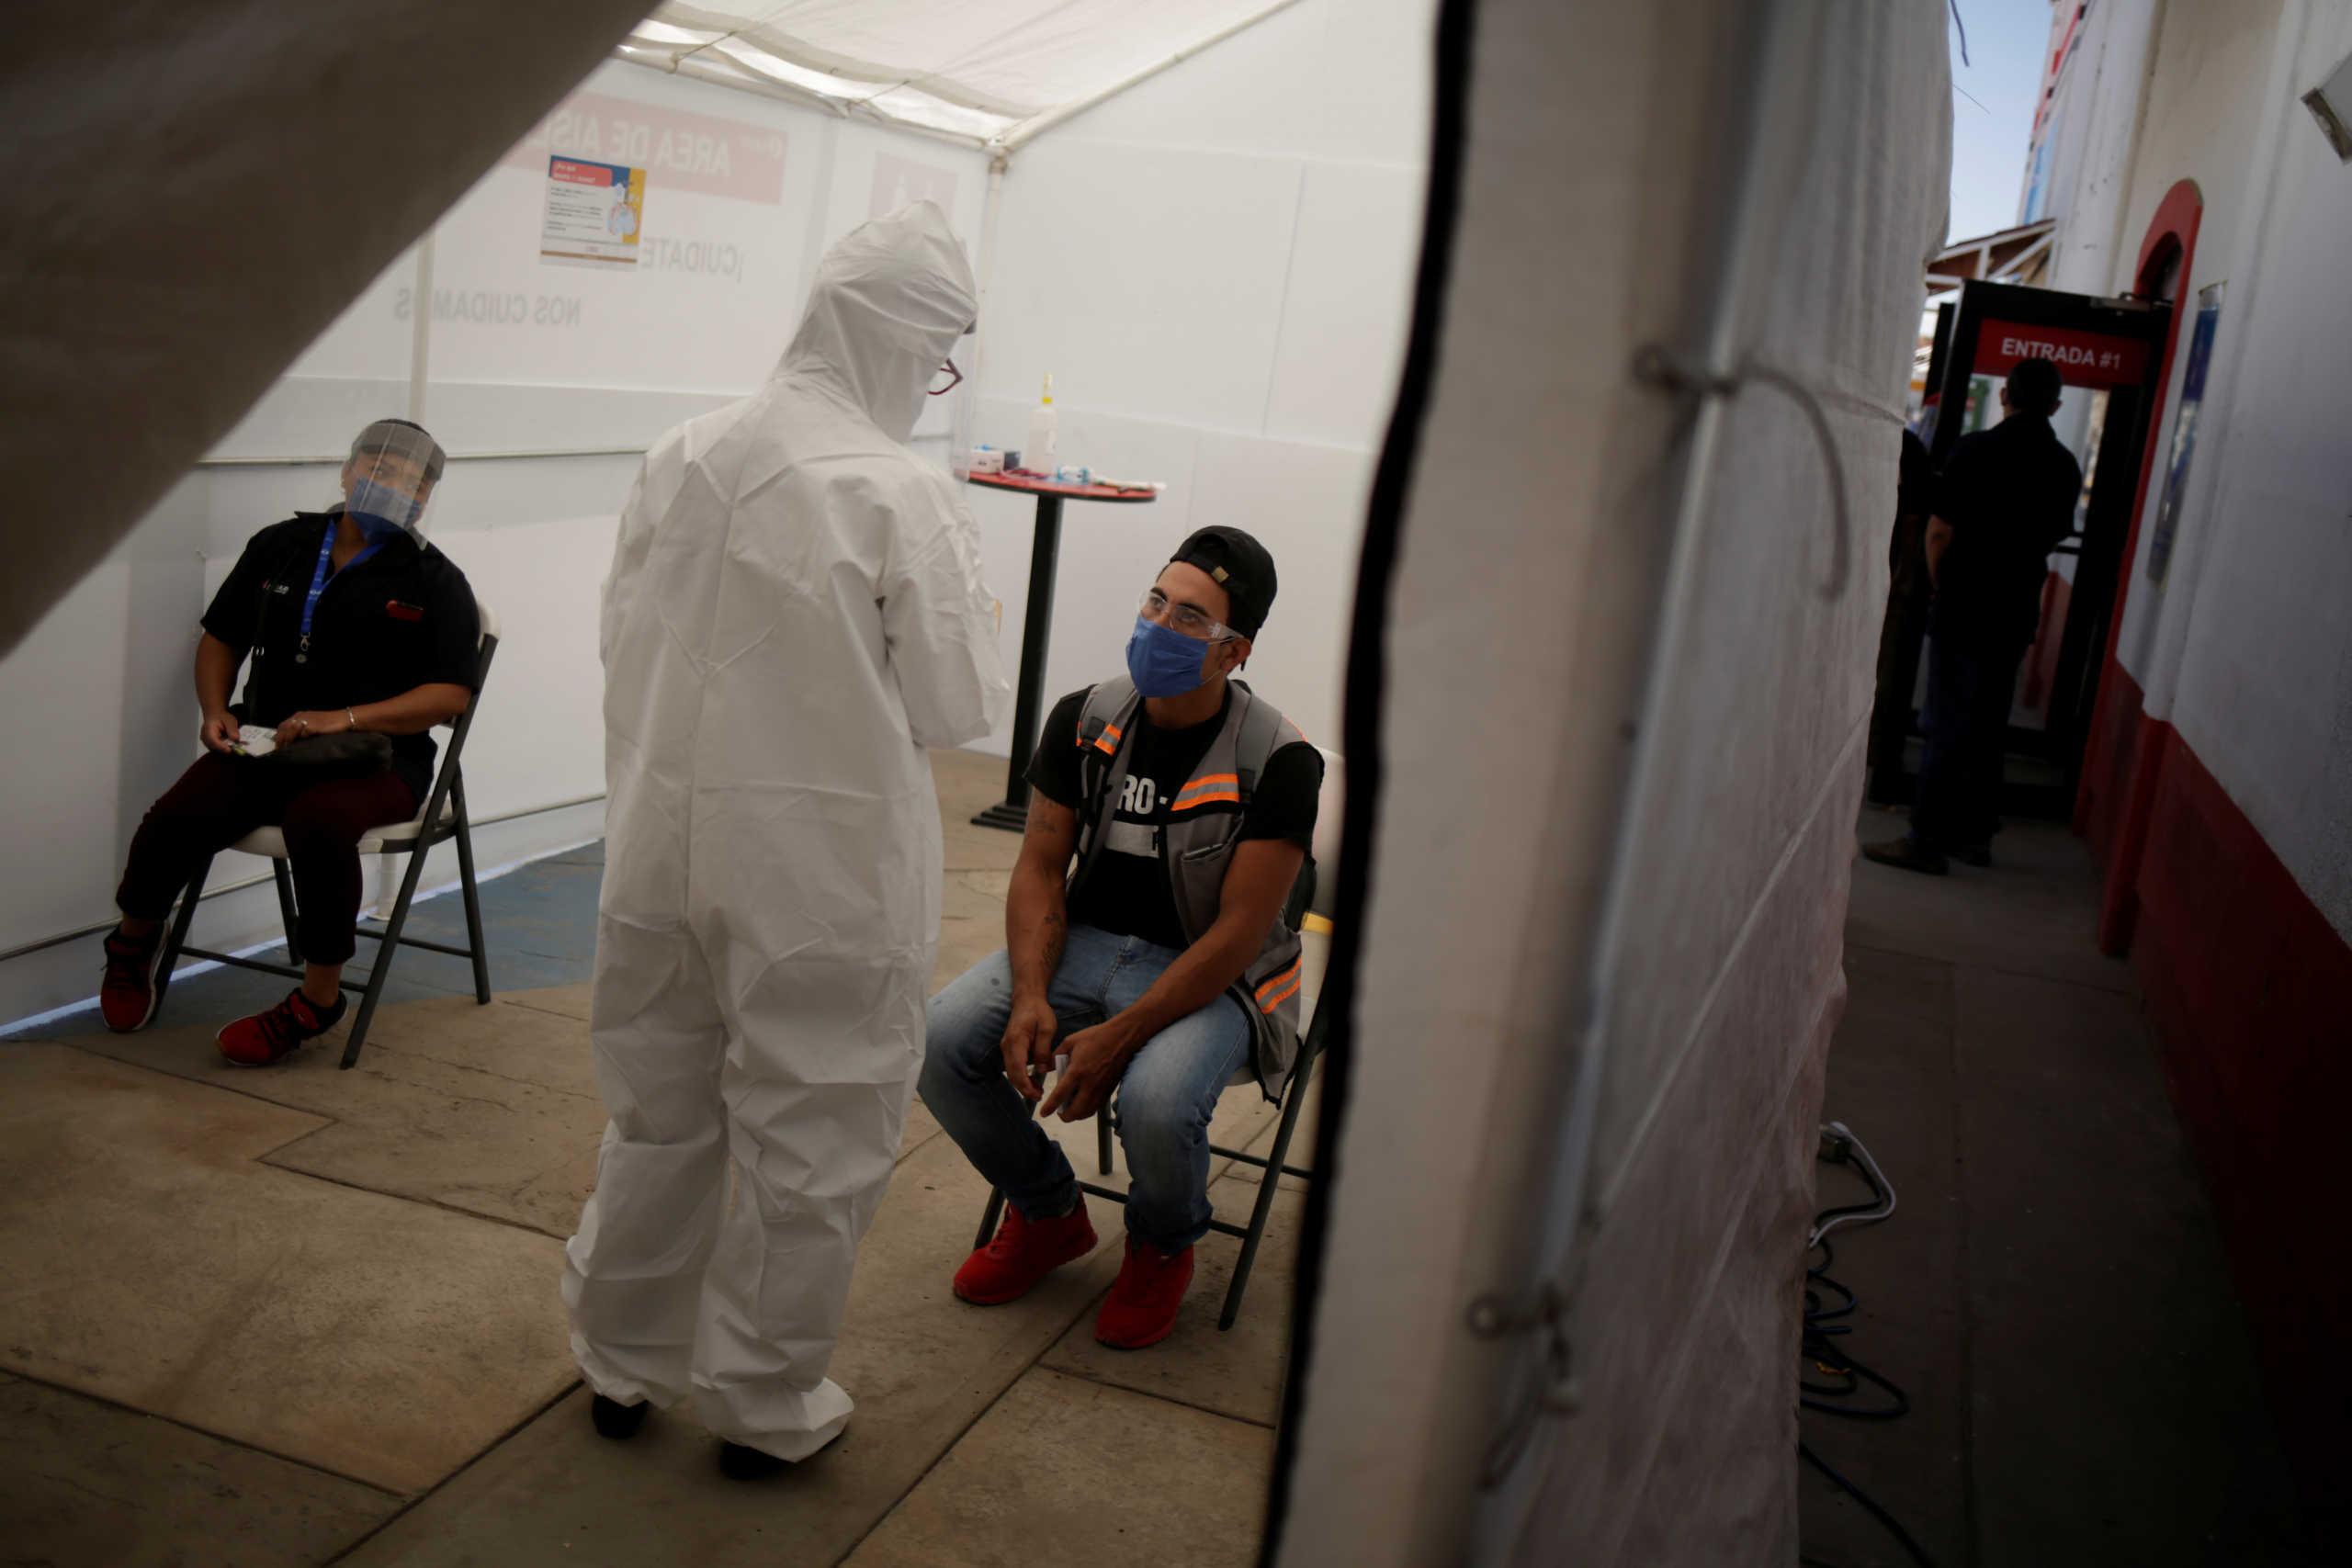 Χάος στο Μεξικό: Σχεδόν 14.000 κρούσματα κορονοϊού σε μία μέρα